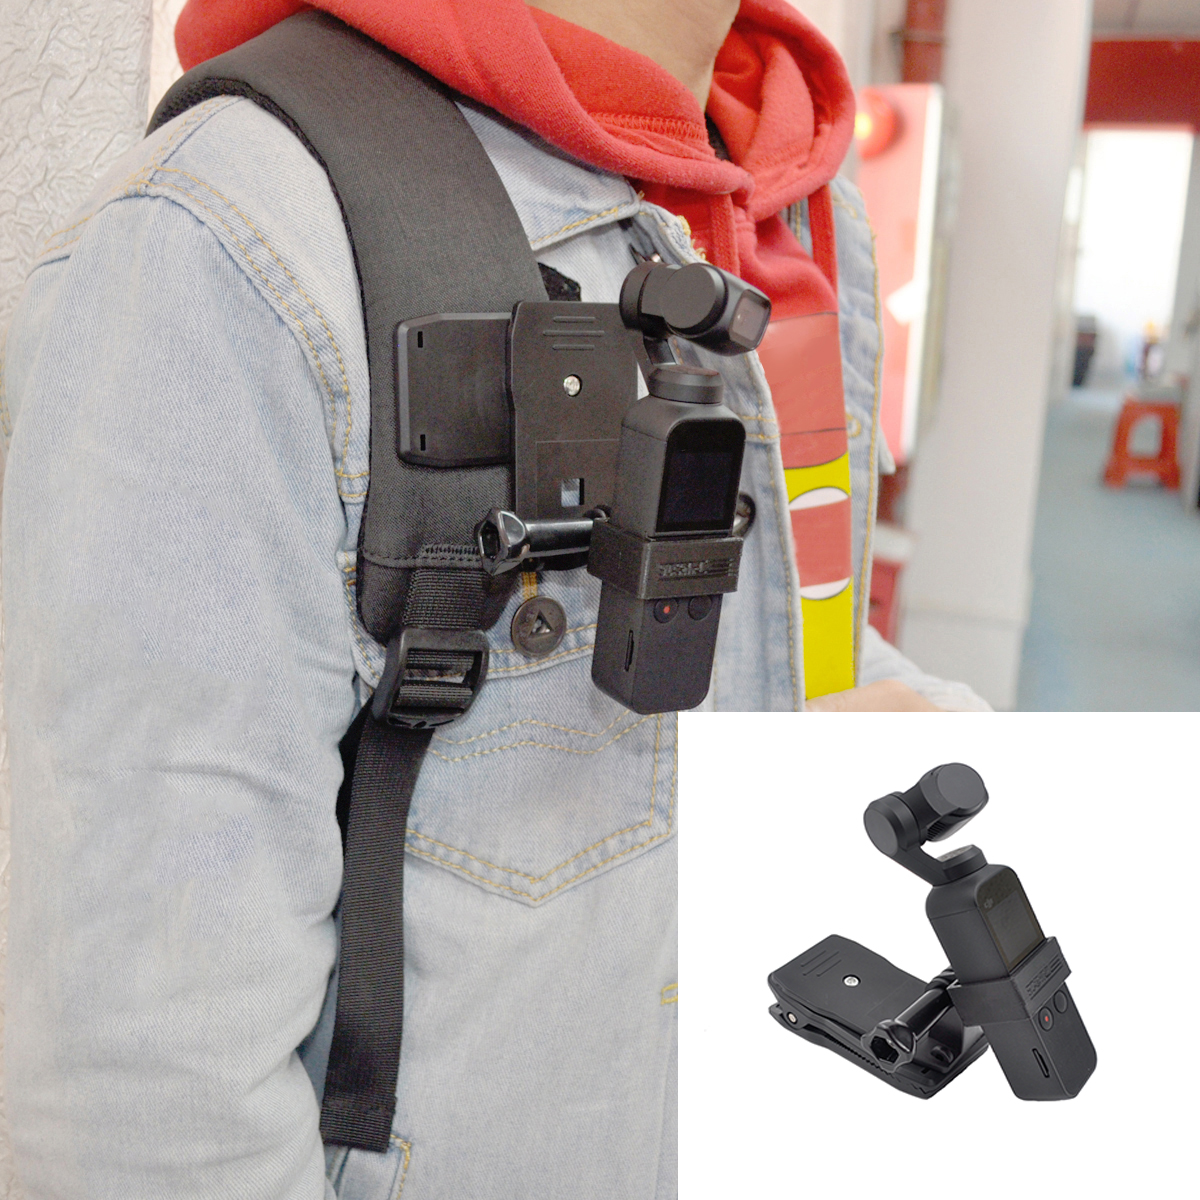 Backpack Clip Stand Expansion Bracket Holder for DJI OSMO Pocket Handheld Gimbal